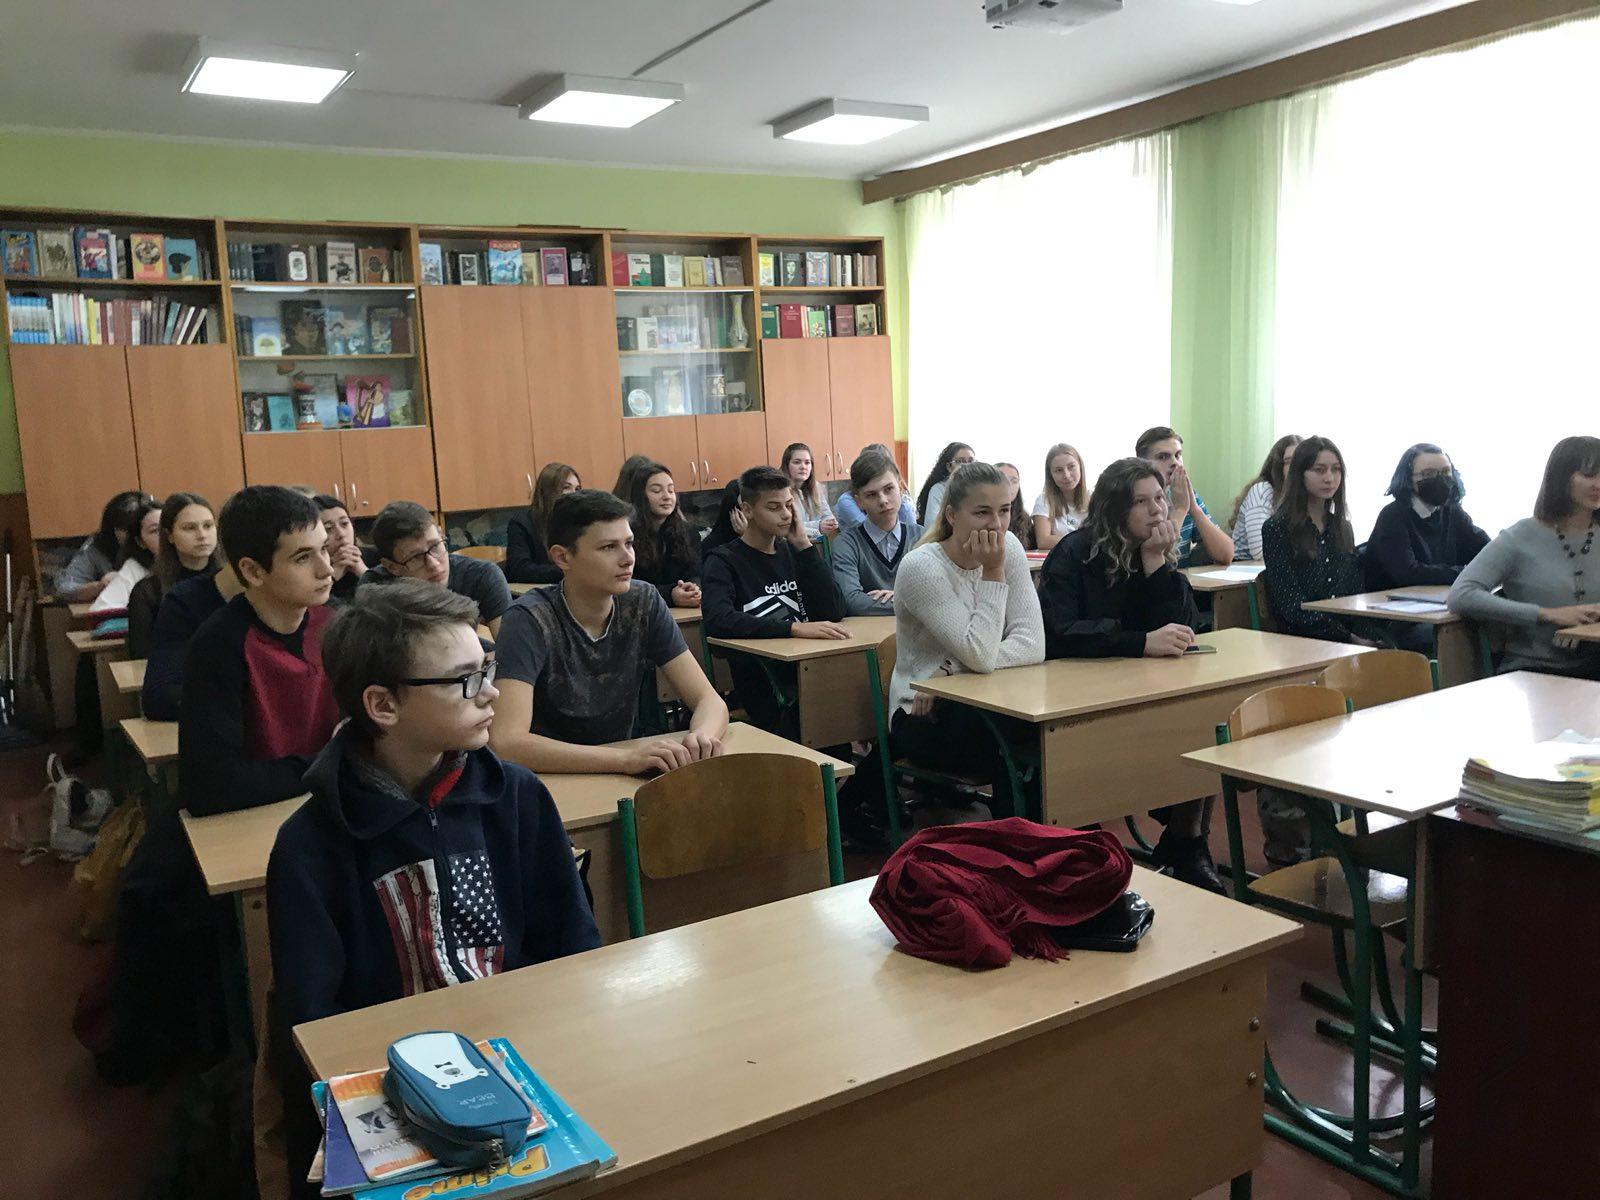 yzobrazhenye_viber_2019-10-22_15-08-33 Учні шкіл Броварів зустрілися з представником американського міста-побратима Рокфорда